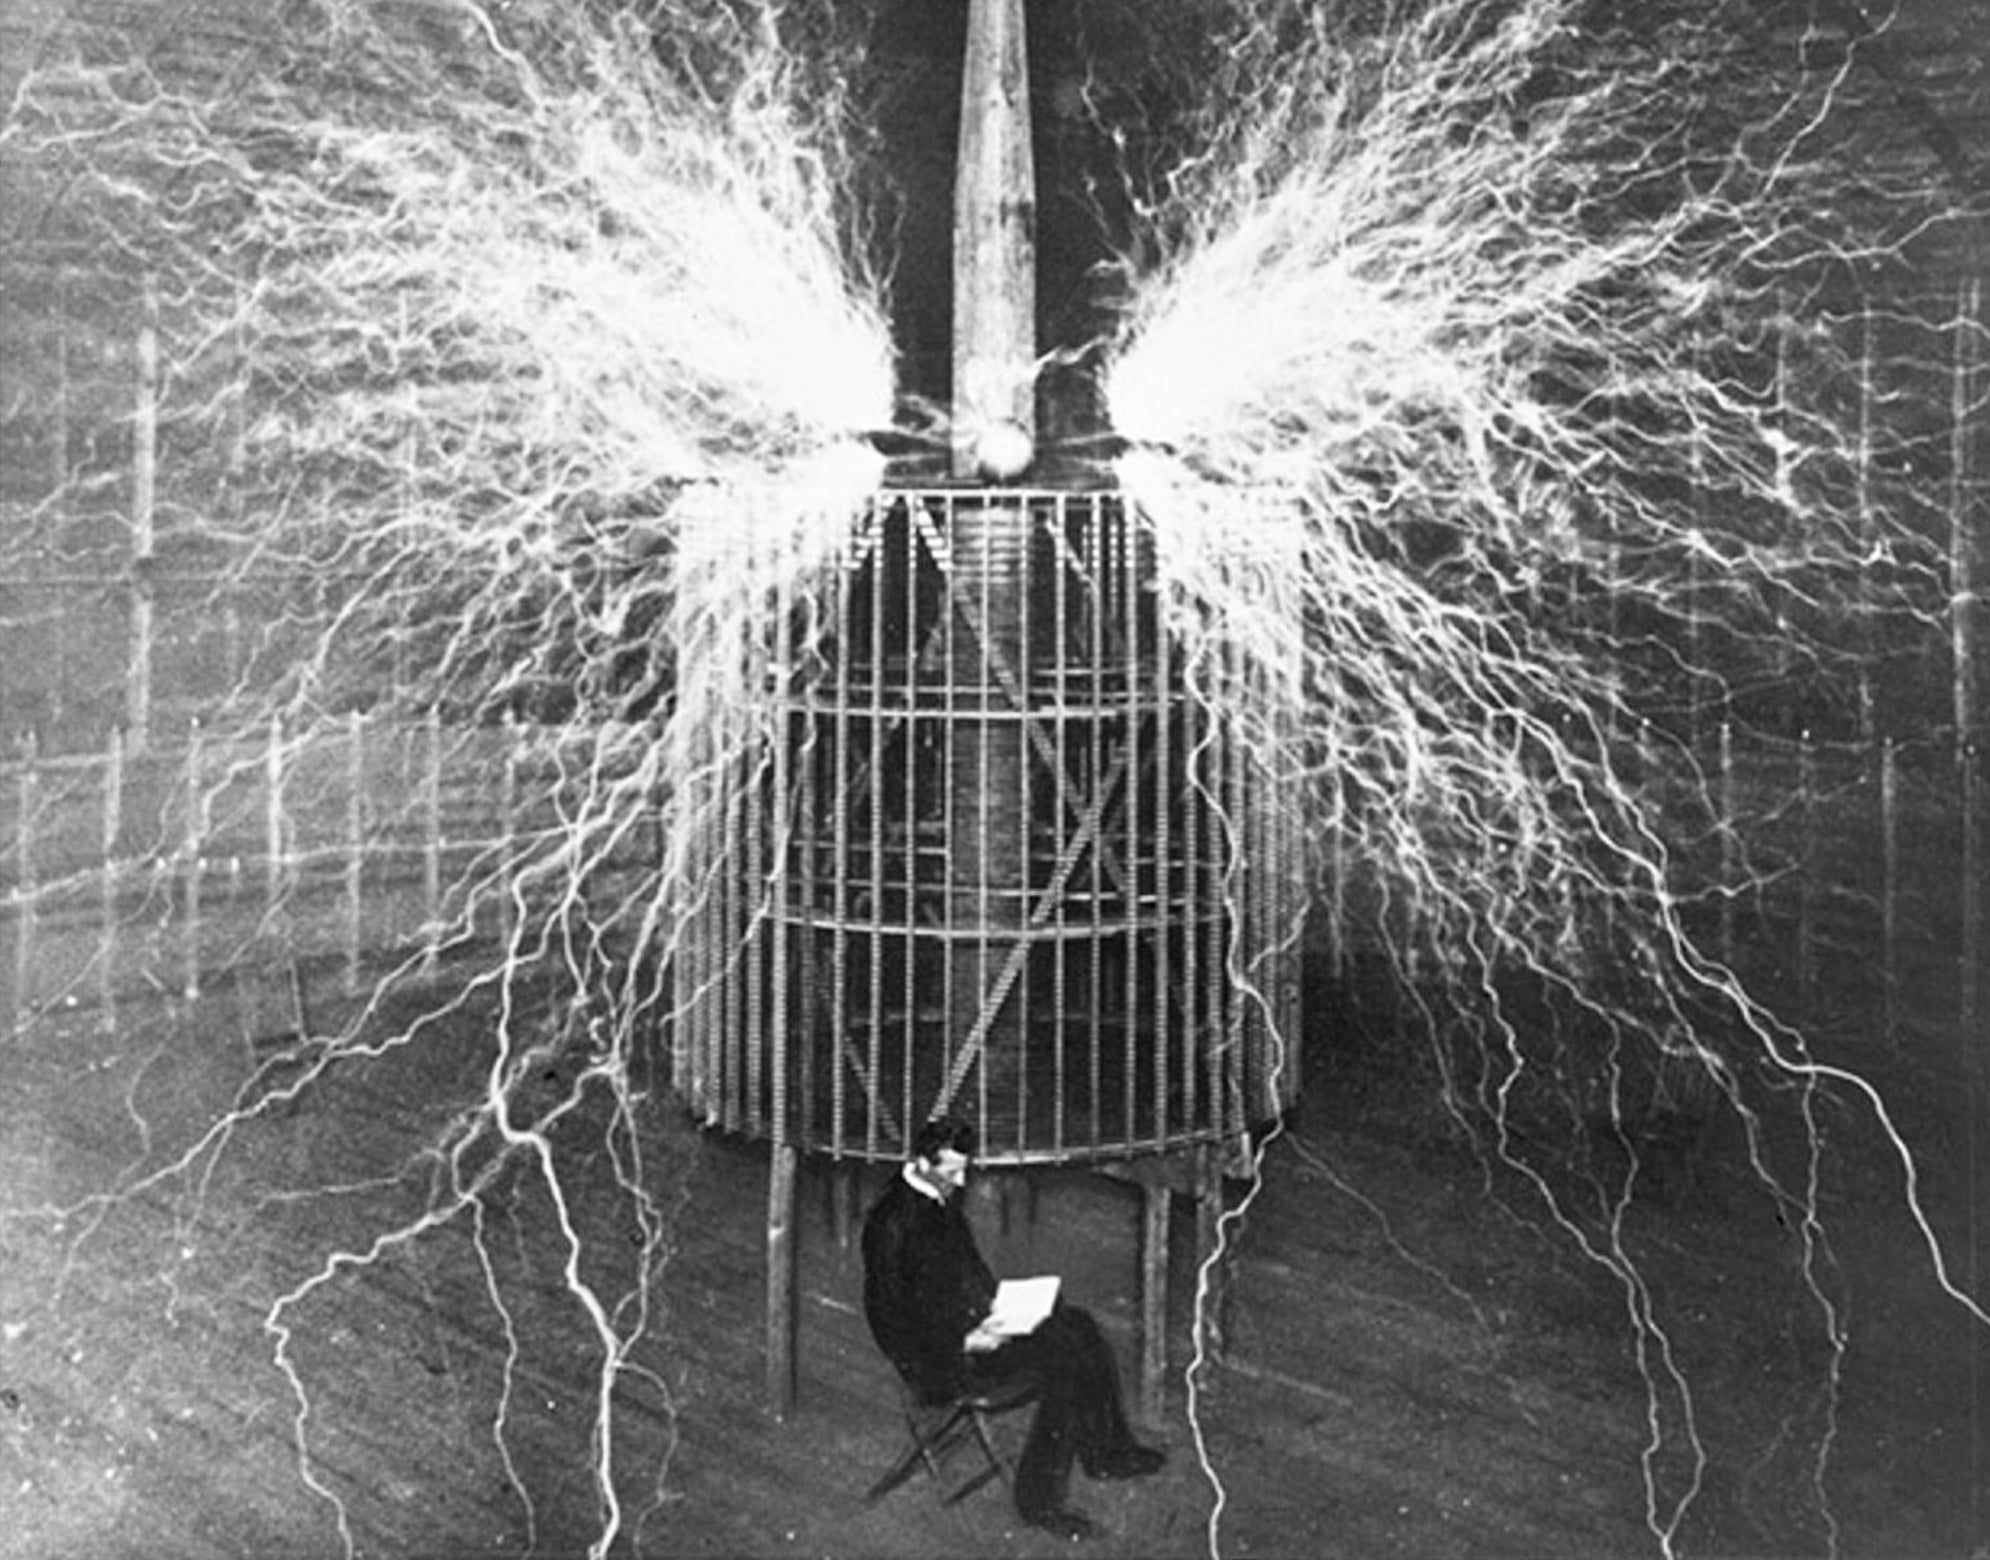 Nikola-Tesla-chitaet-v-svoey-laboratorii